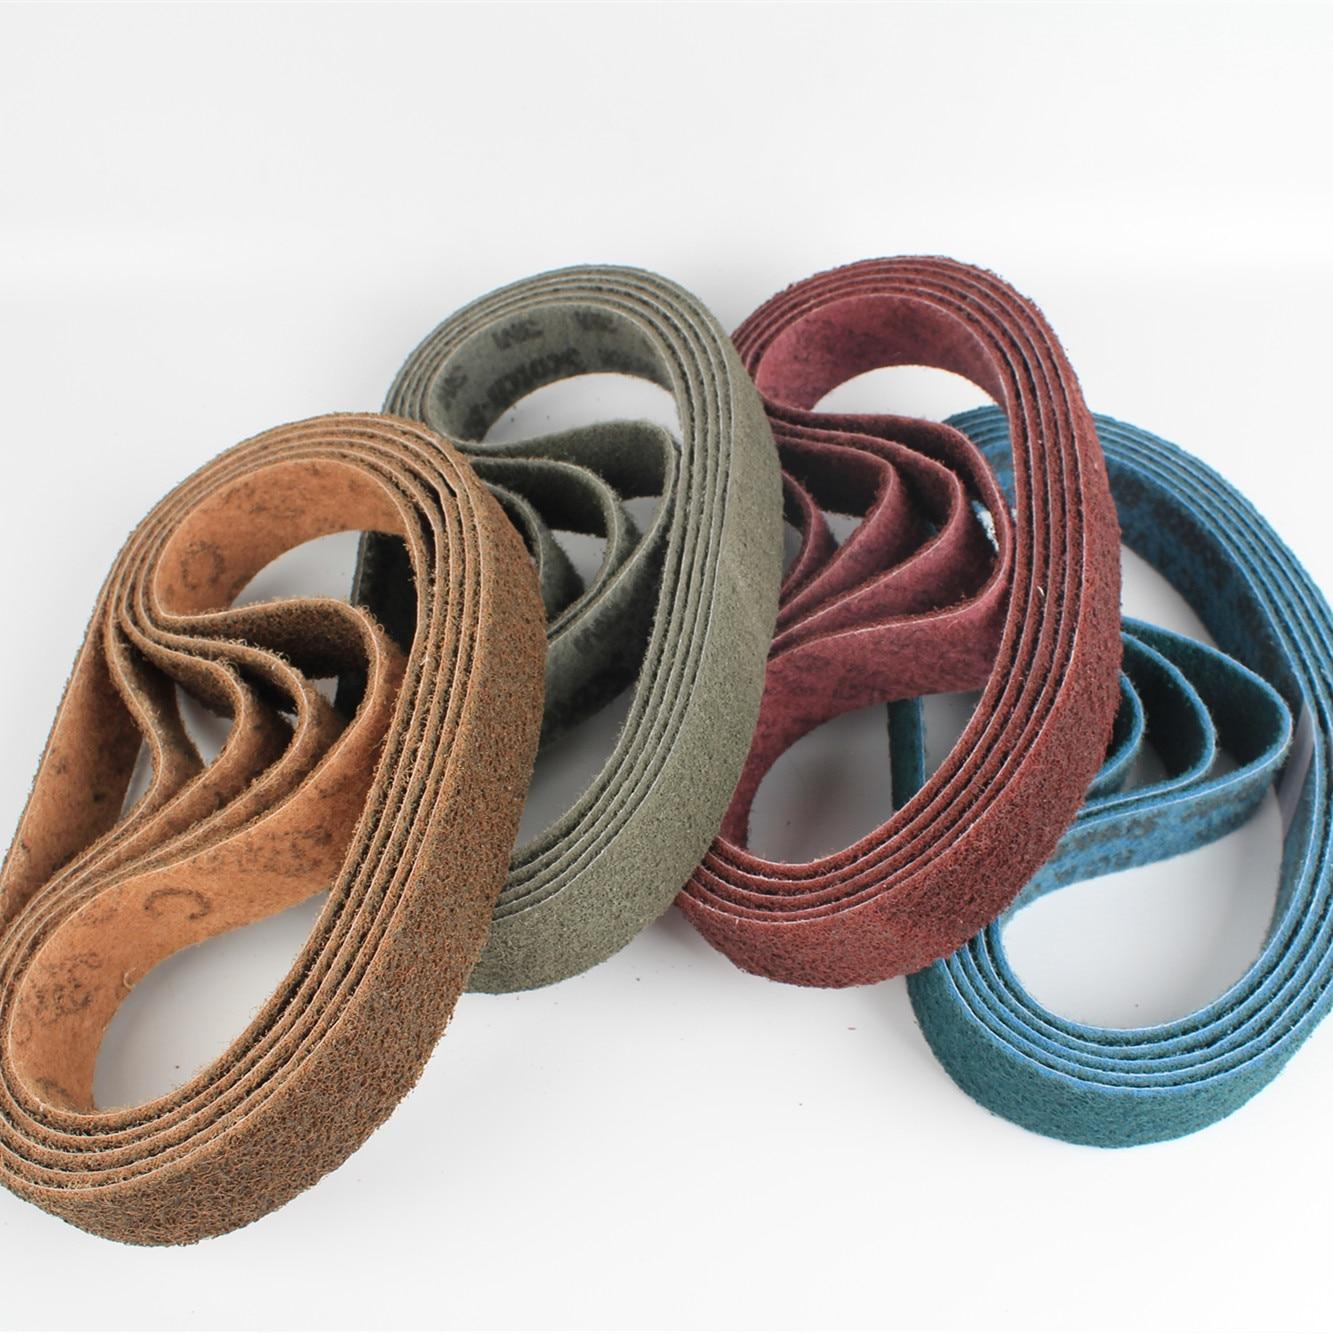 Raizi 760 *40 Mm Non-woven Nylon Sanding Belt For Stainless Steel Sander/polisher P150-600 Grinding Belt